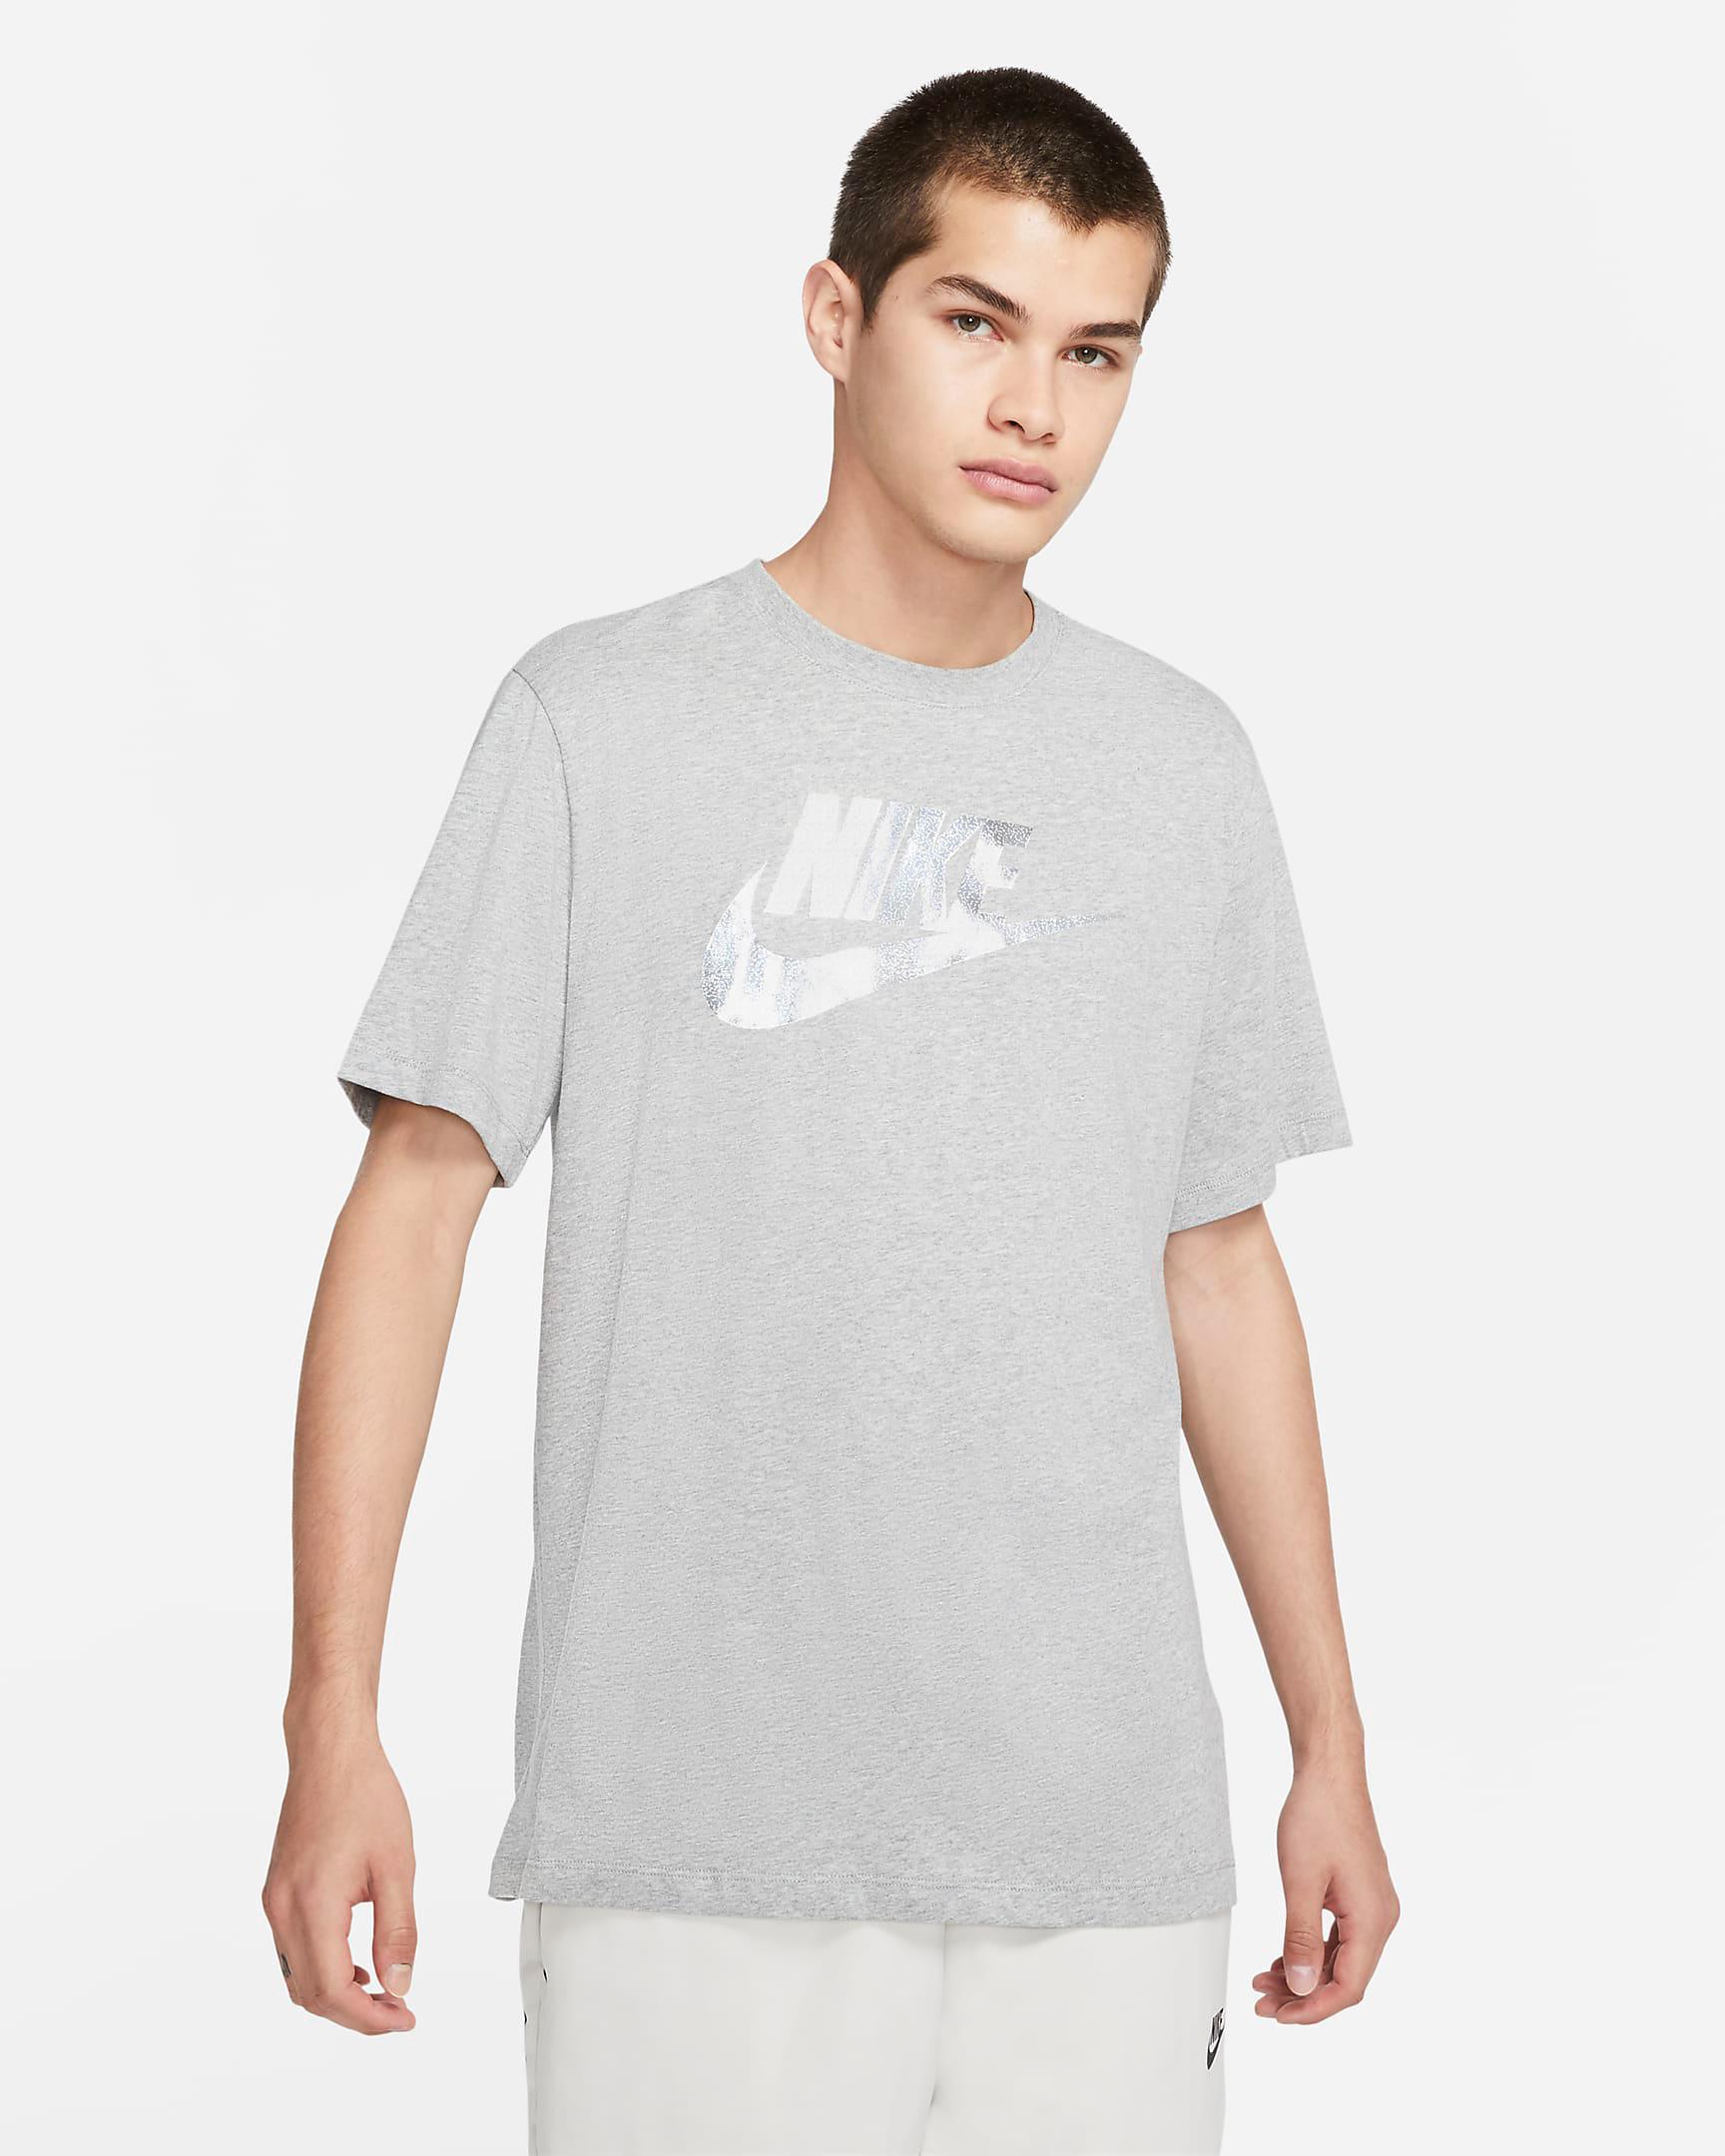 nike-sportswear-metallic-silver-grey-2